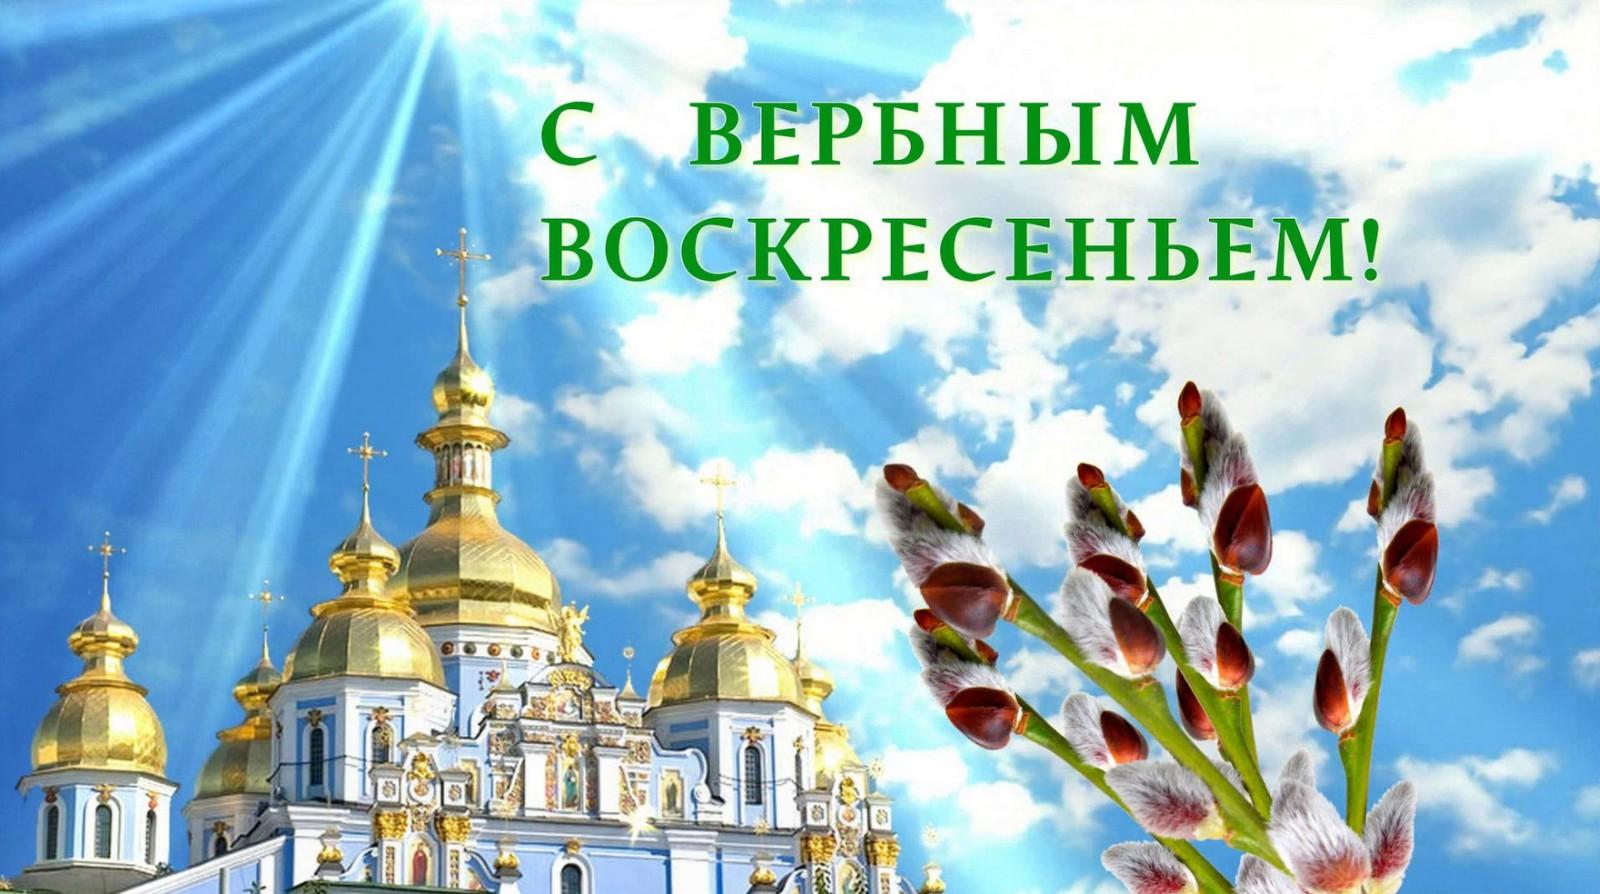 Поздравление на вербный день